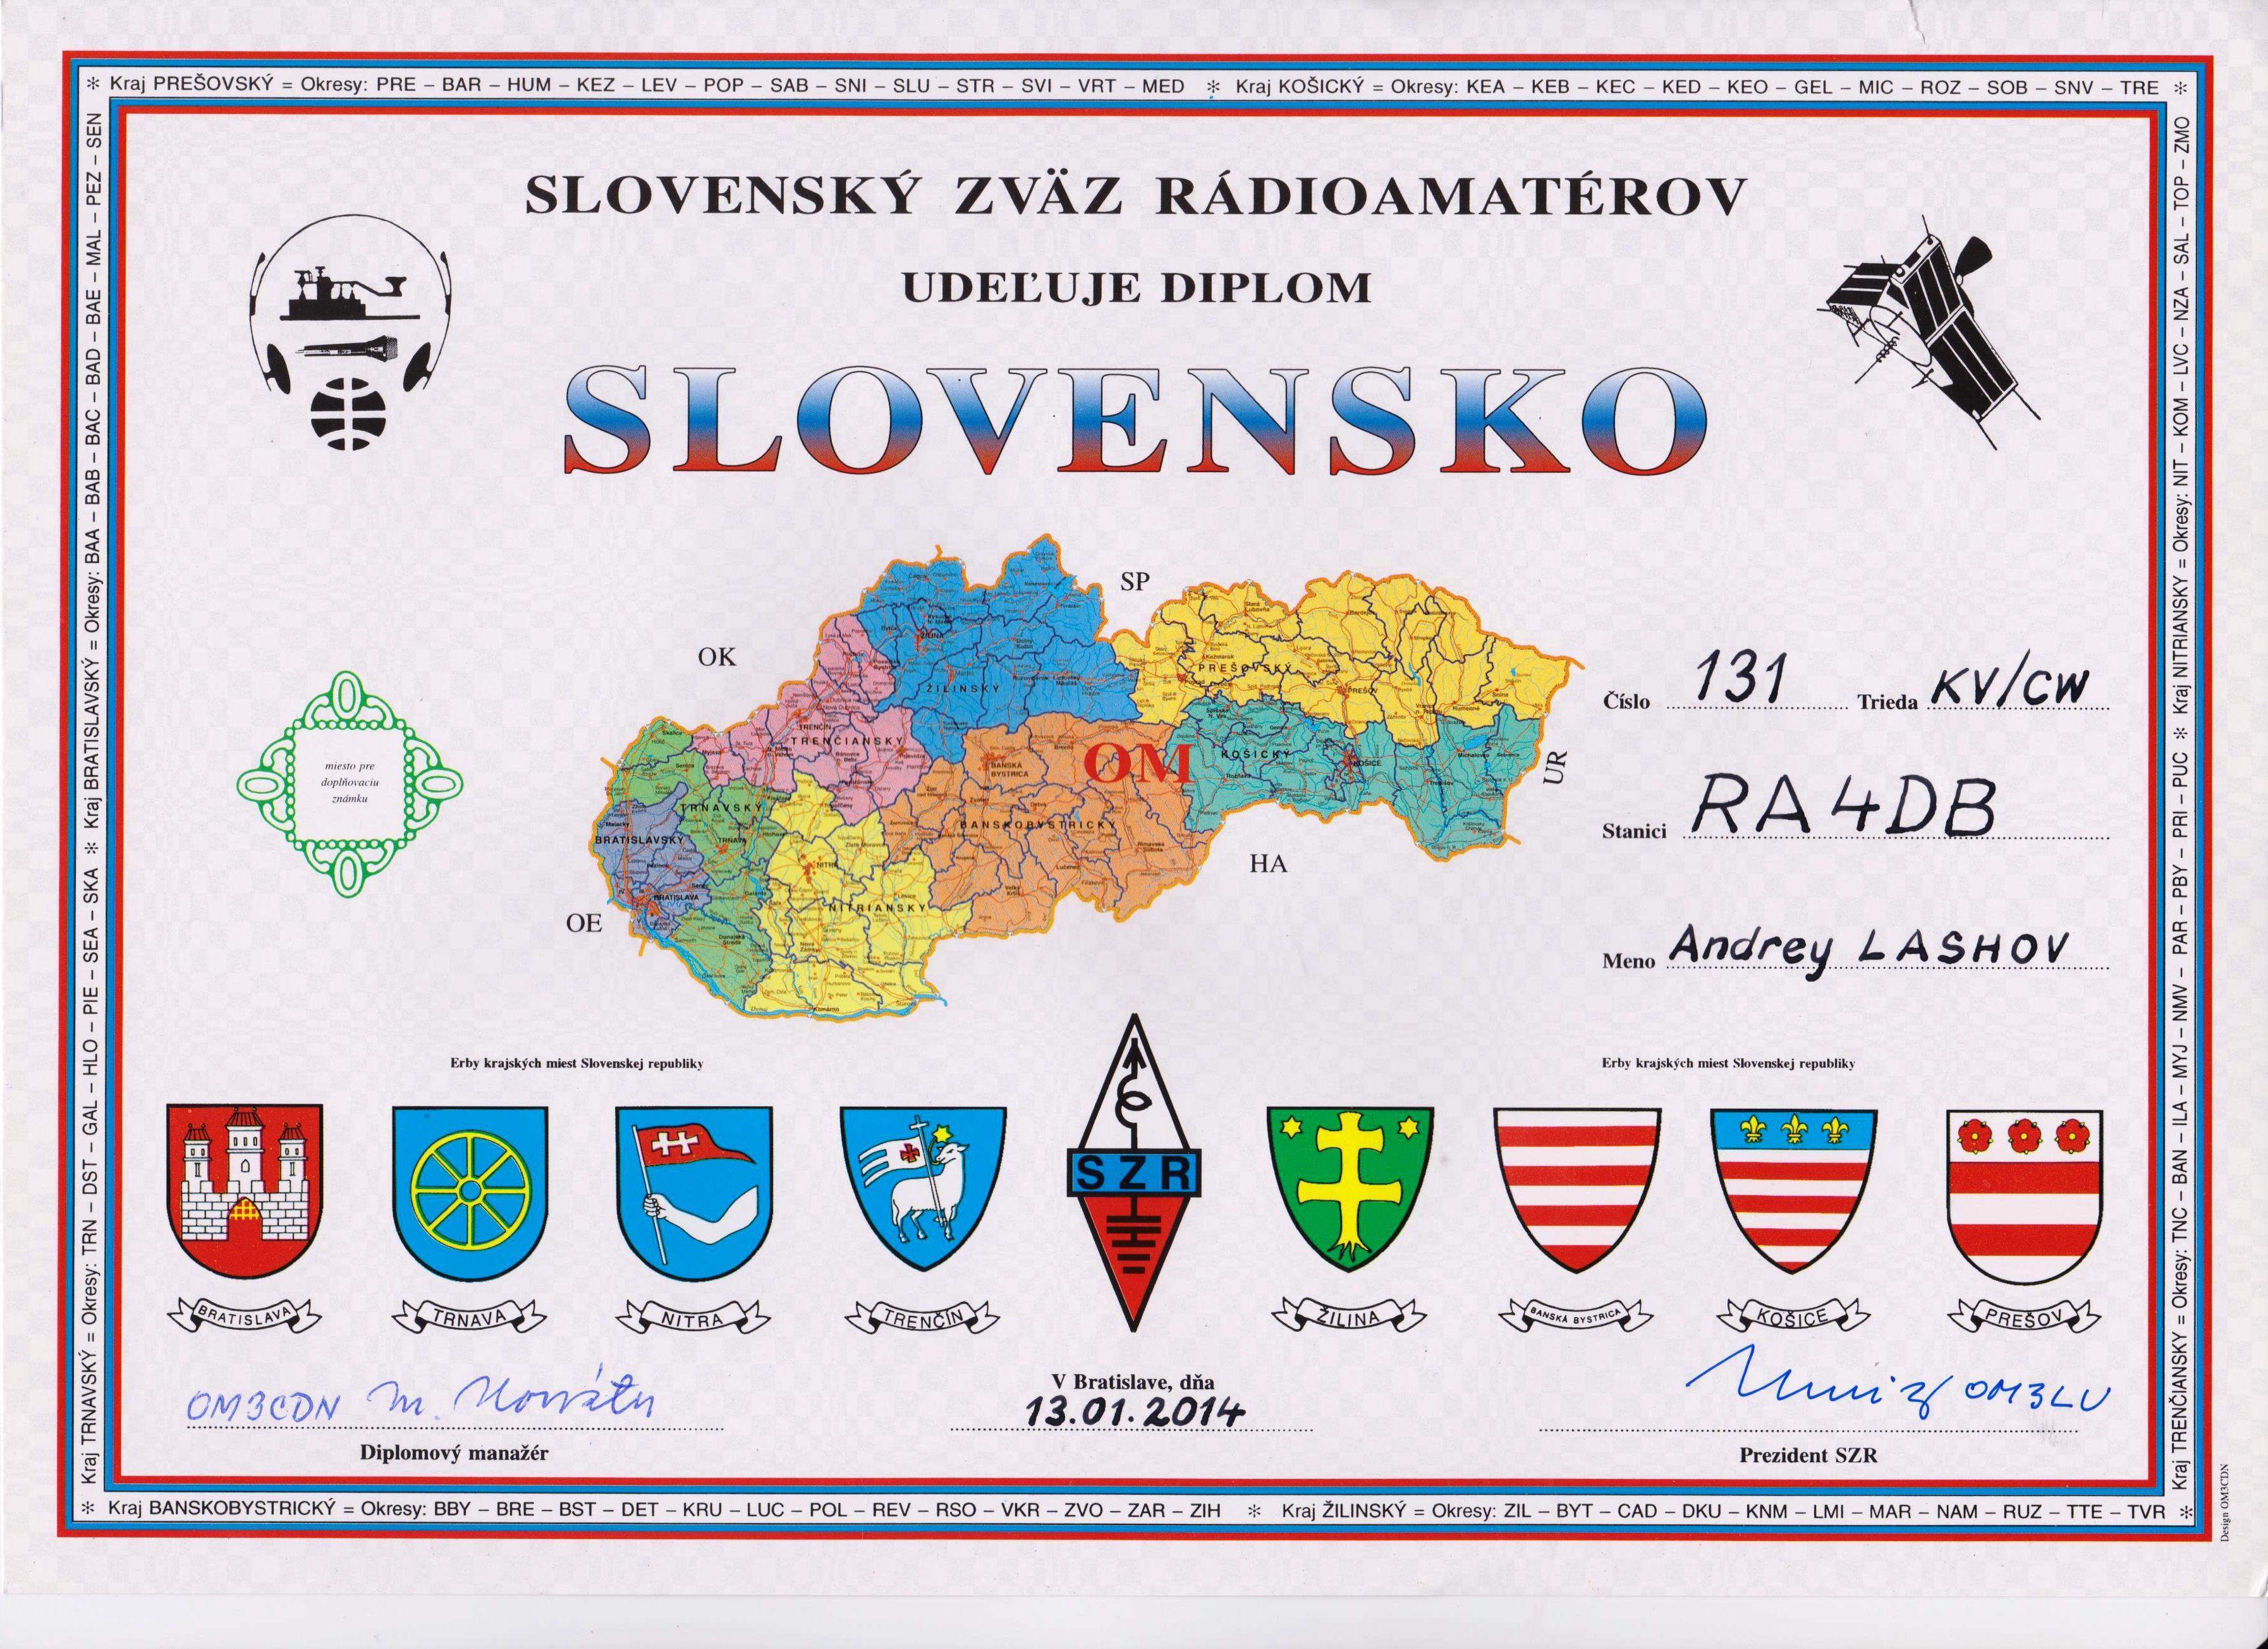 Нажмите на изображение для увеличения.  Название:Slovensko.jpg Просмотров:91 Размер:1.09 Мб ID:113053